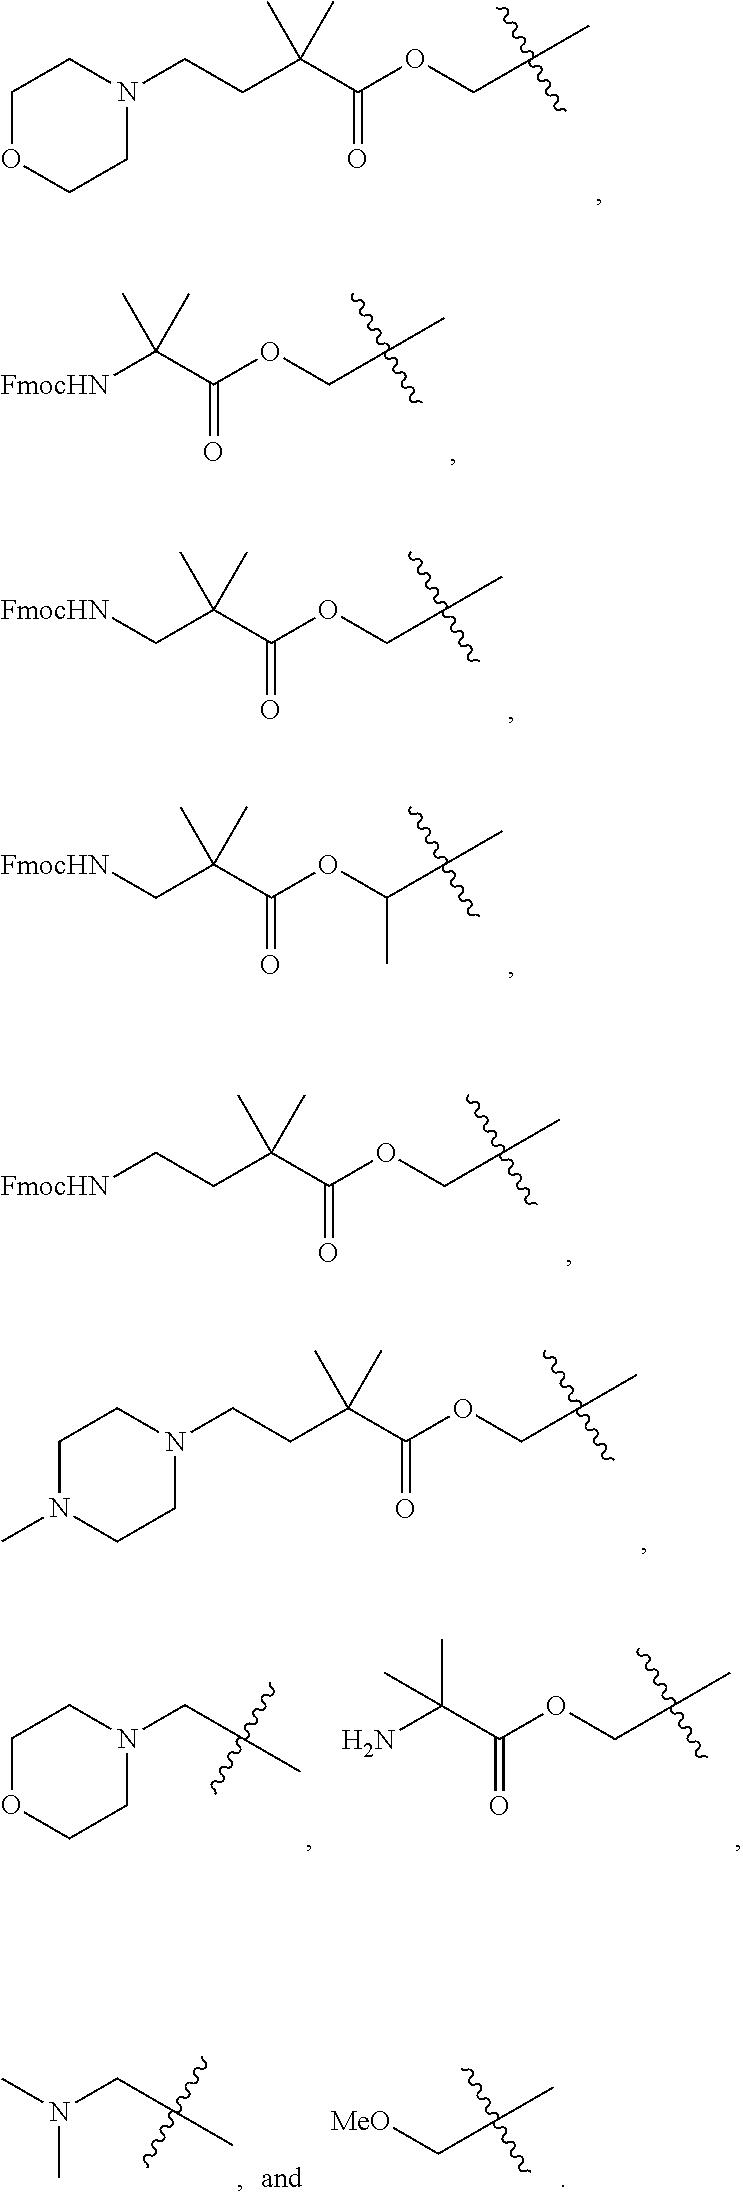 Figure US09982257-20180529-C00096